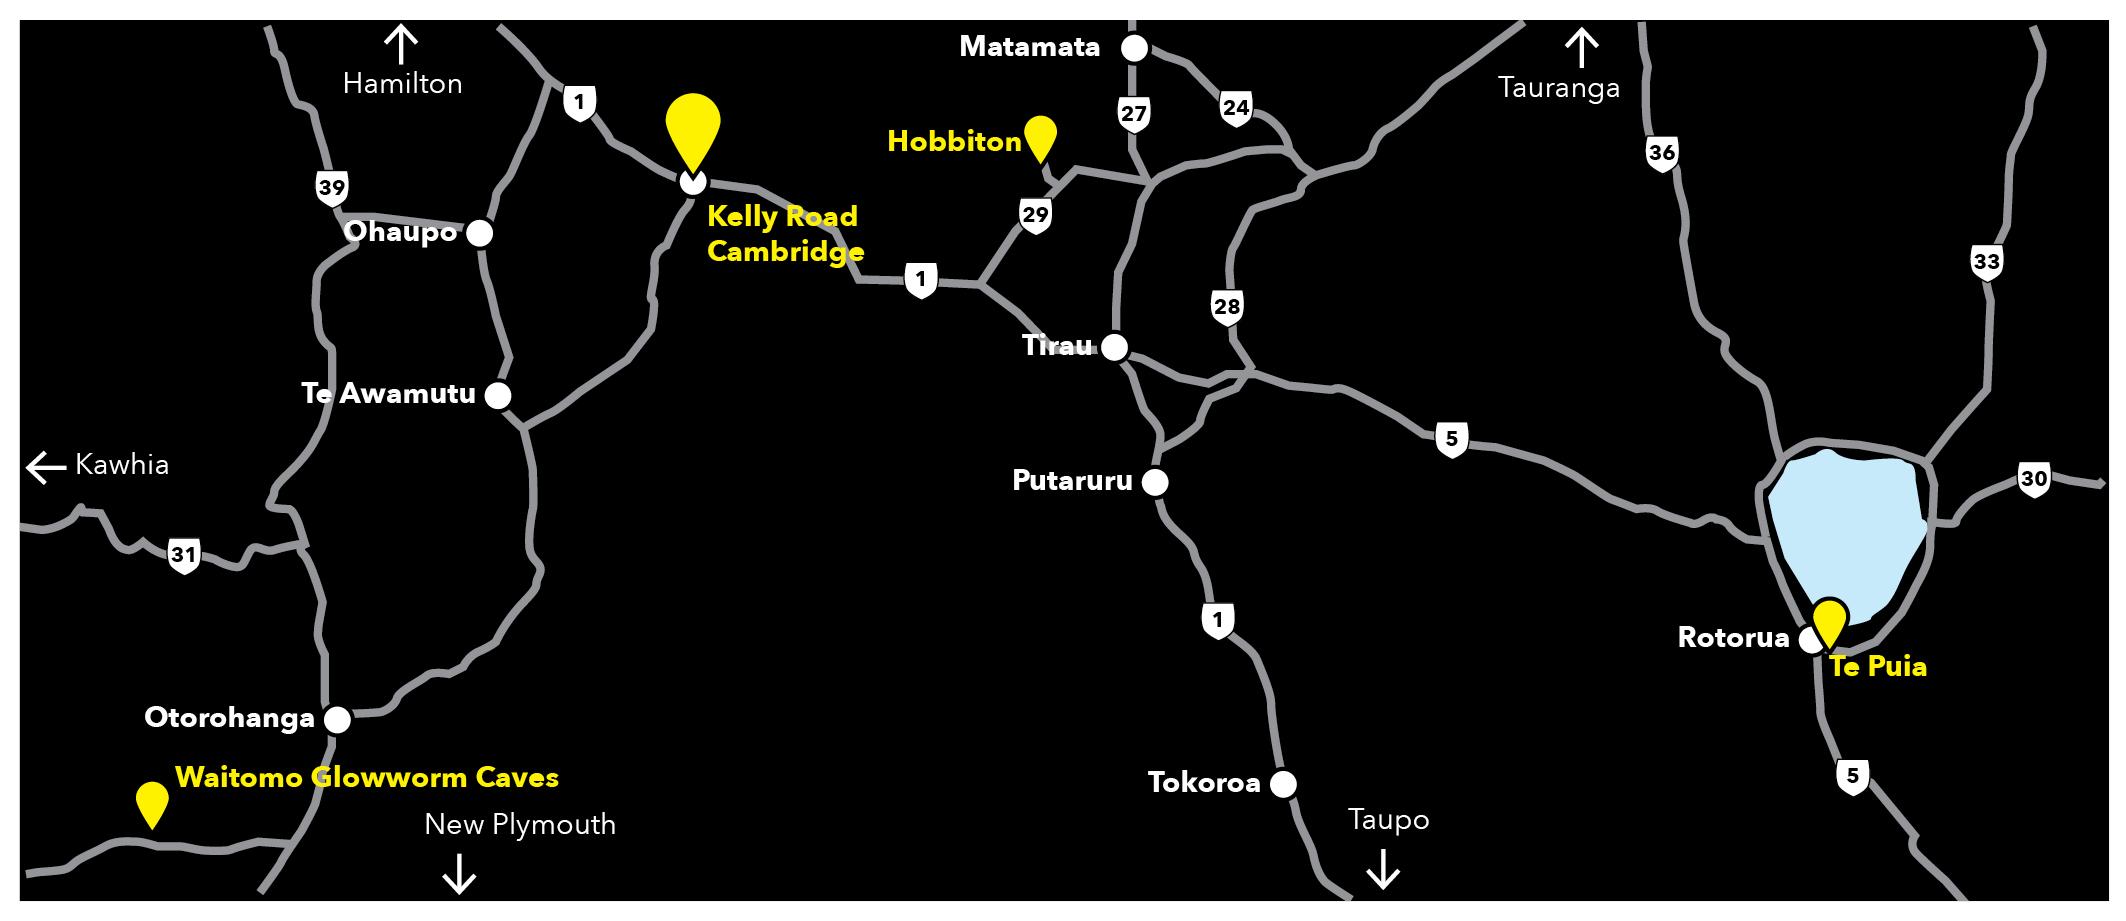 Map showing Kelly Rd, Hobbiton Movie Set, Waitomo Glowworm Caves and Te Puia